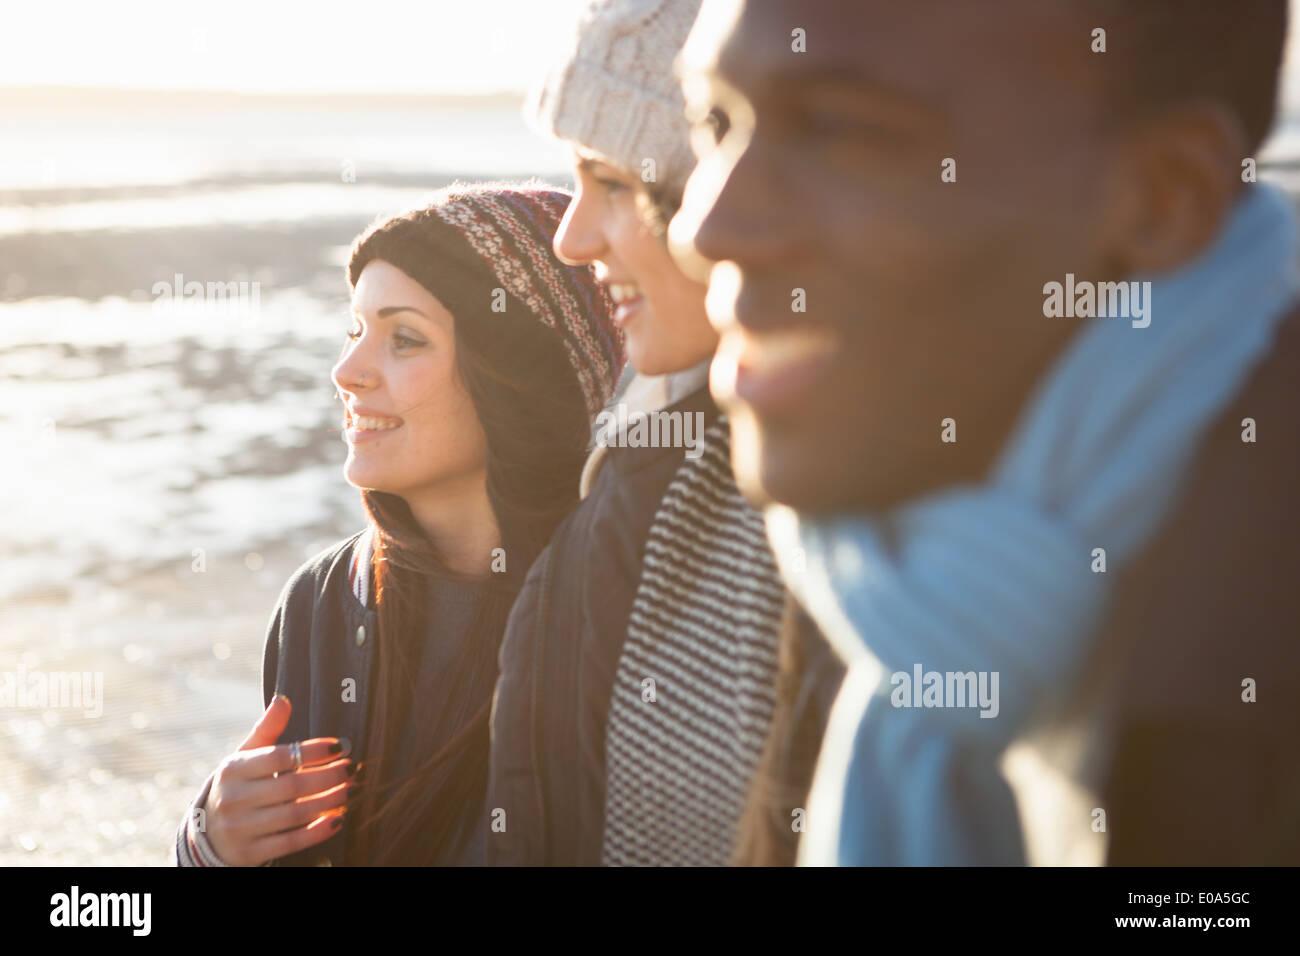 Nahaufnahme von jungen Erwachsenen Freunden spazieren am Strand Stockfoto